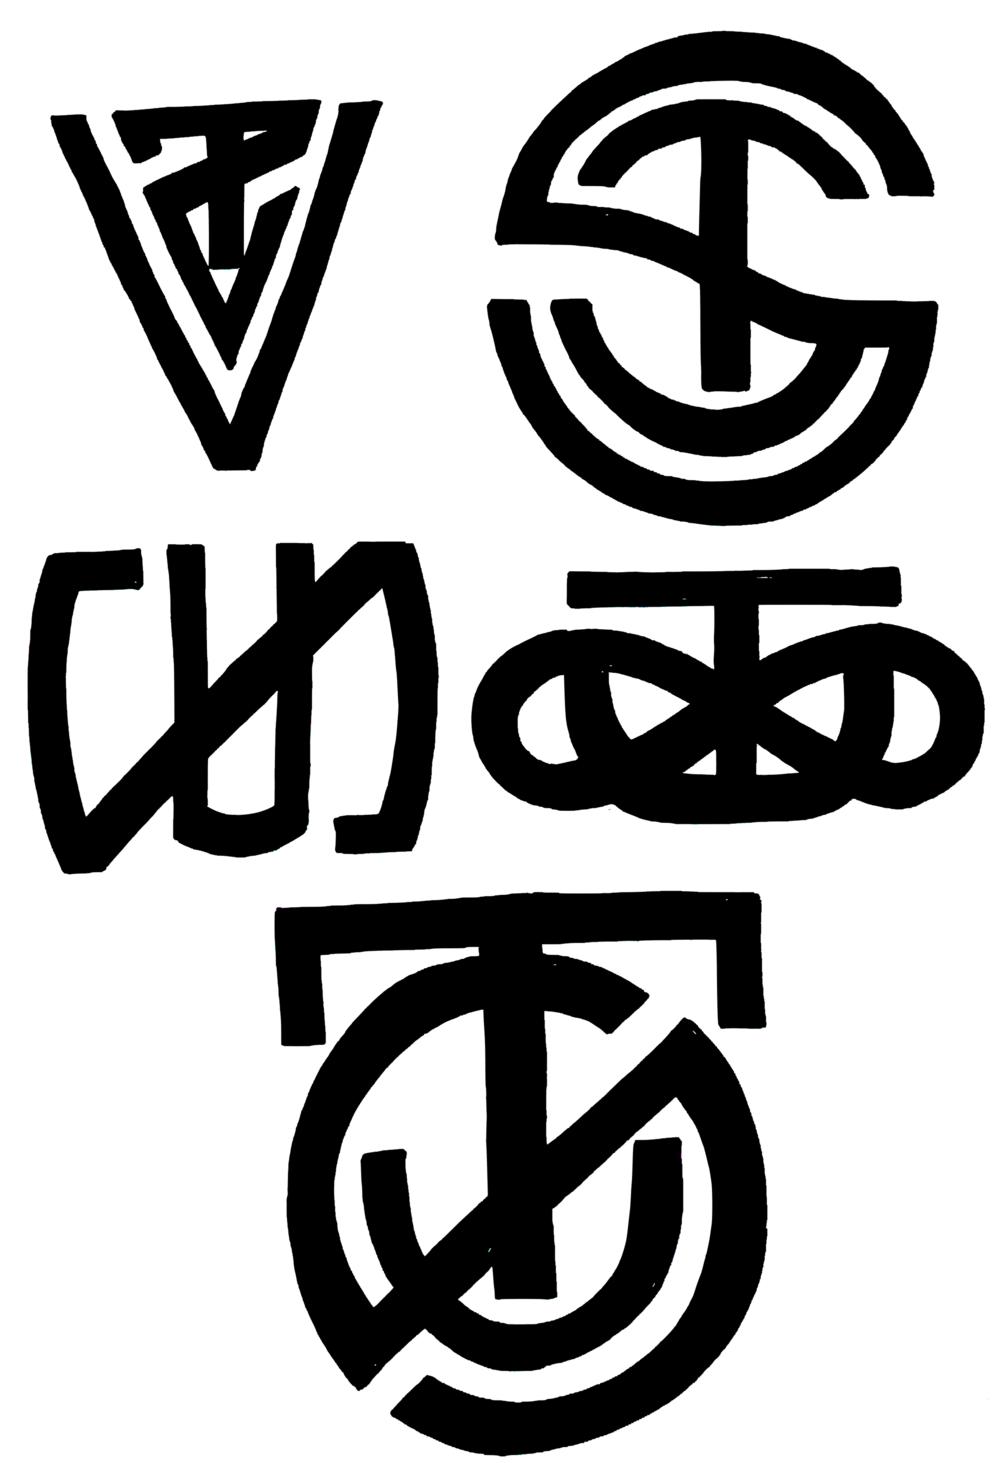 Unused Logos (2013)